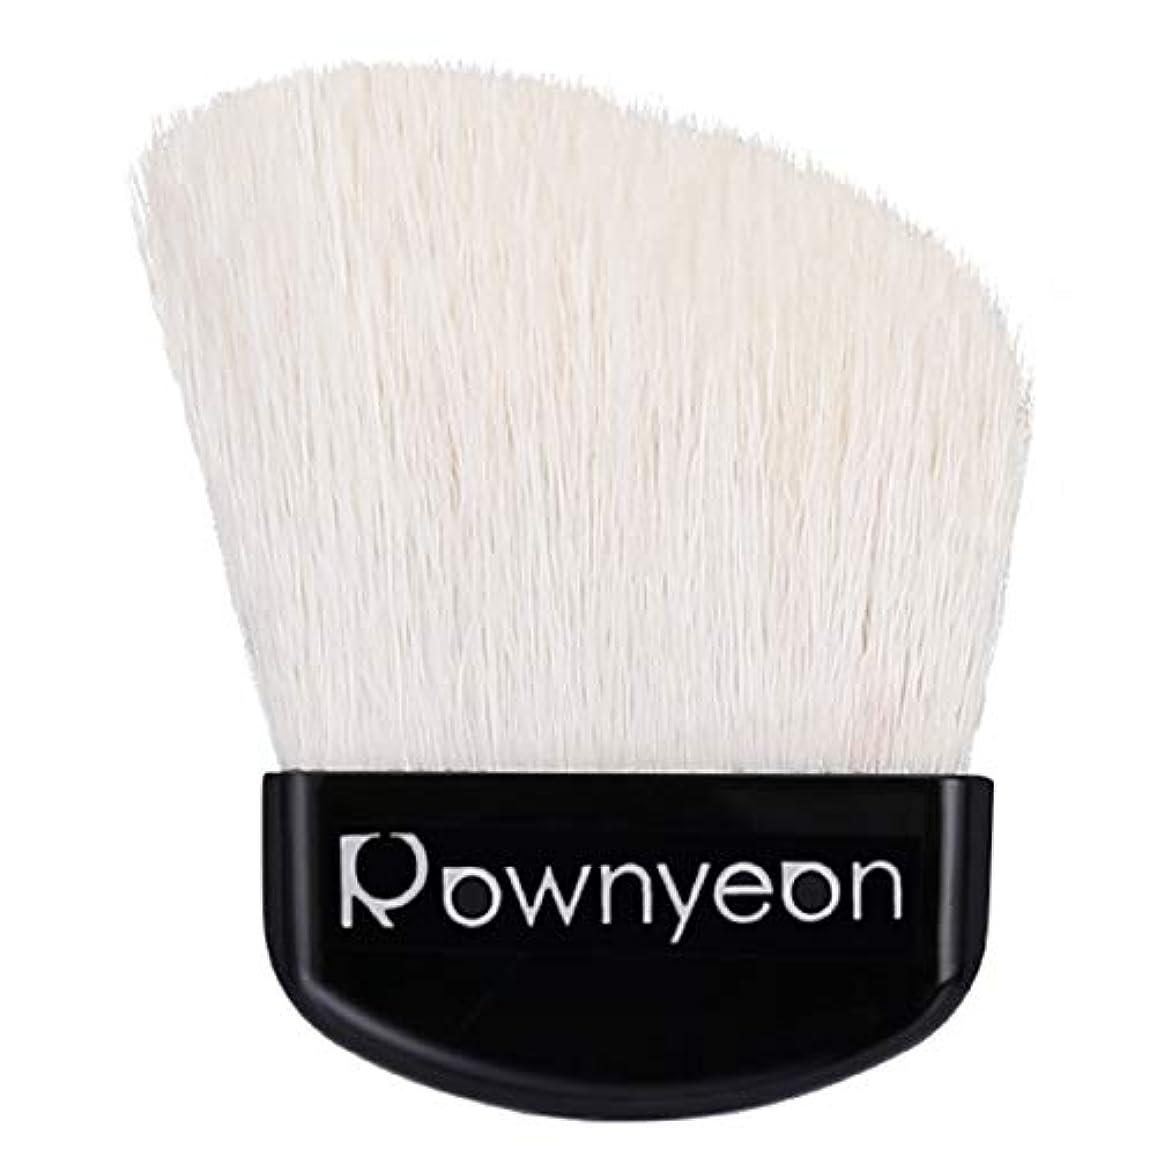 クッションに渡って奴隷Rownyeon チークブラシ 携帯用 100%天然毛 ミニ パクトイン フェースブラシ パウダーブラシ 扇型 携帯便利 メイク直し 単品 収納ケース付き プレゼント ギフト